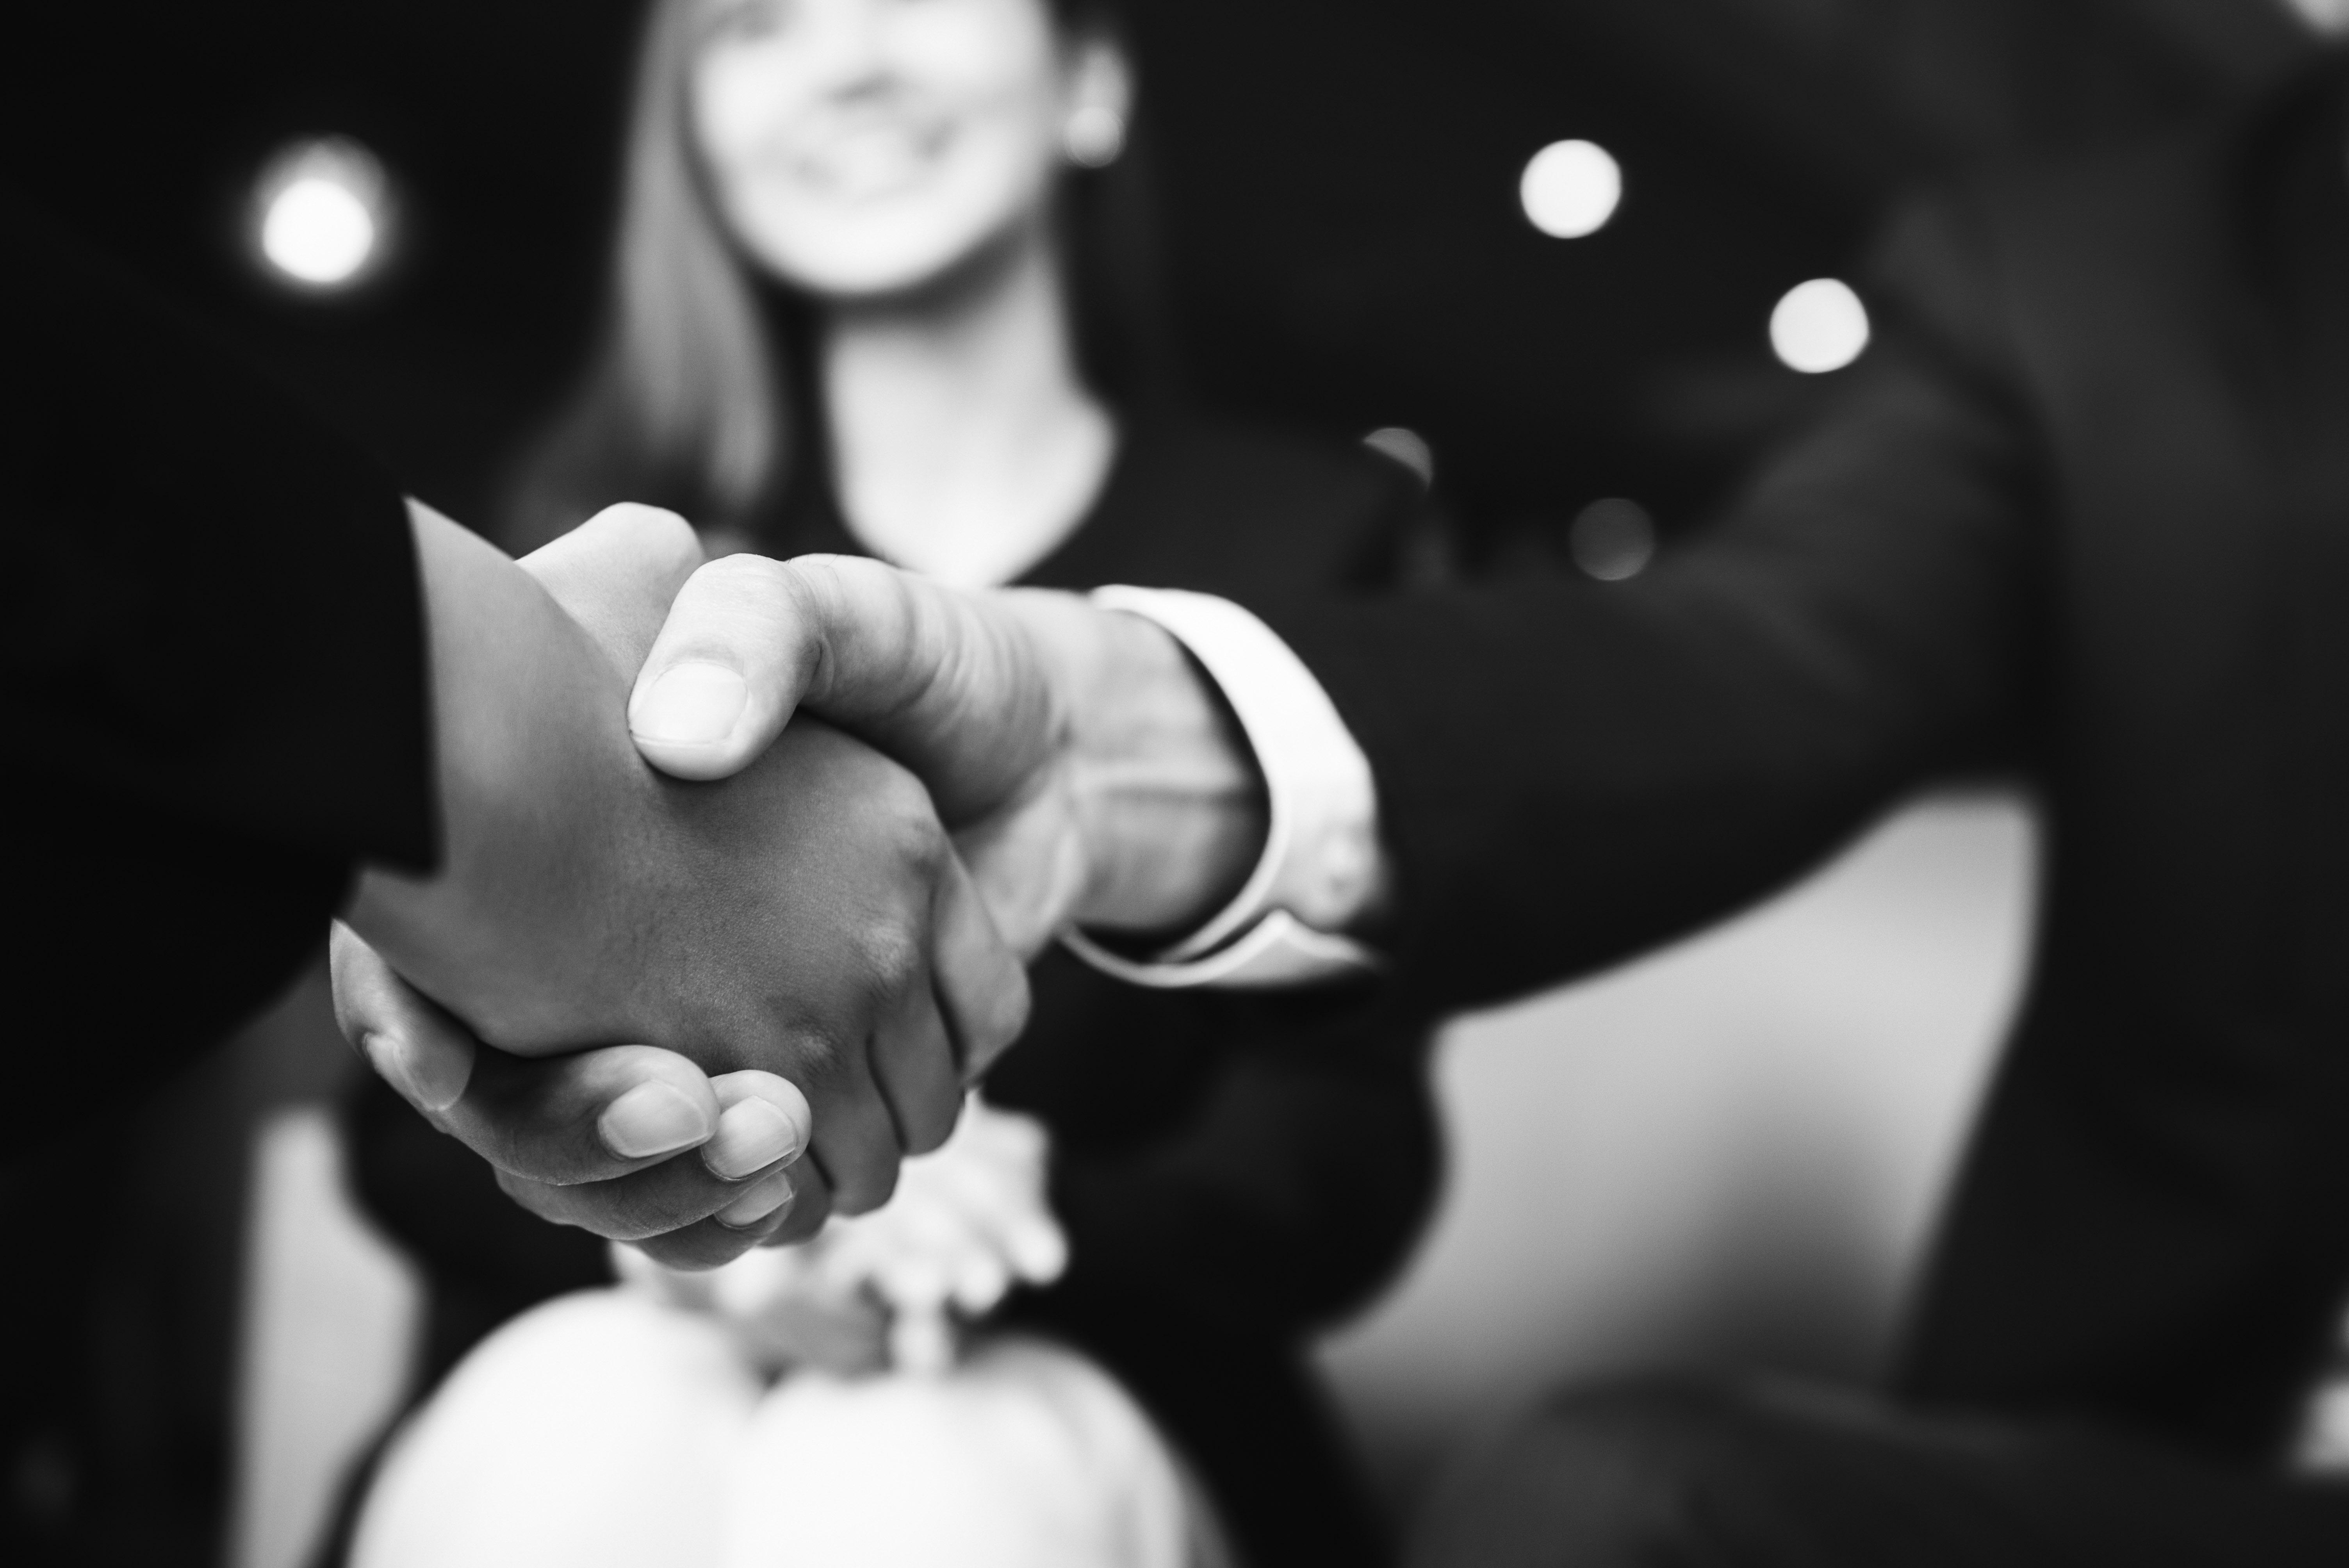 handshake between broker and client signed with help of broker tools